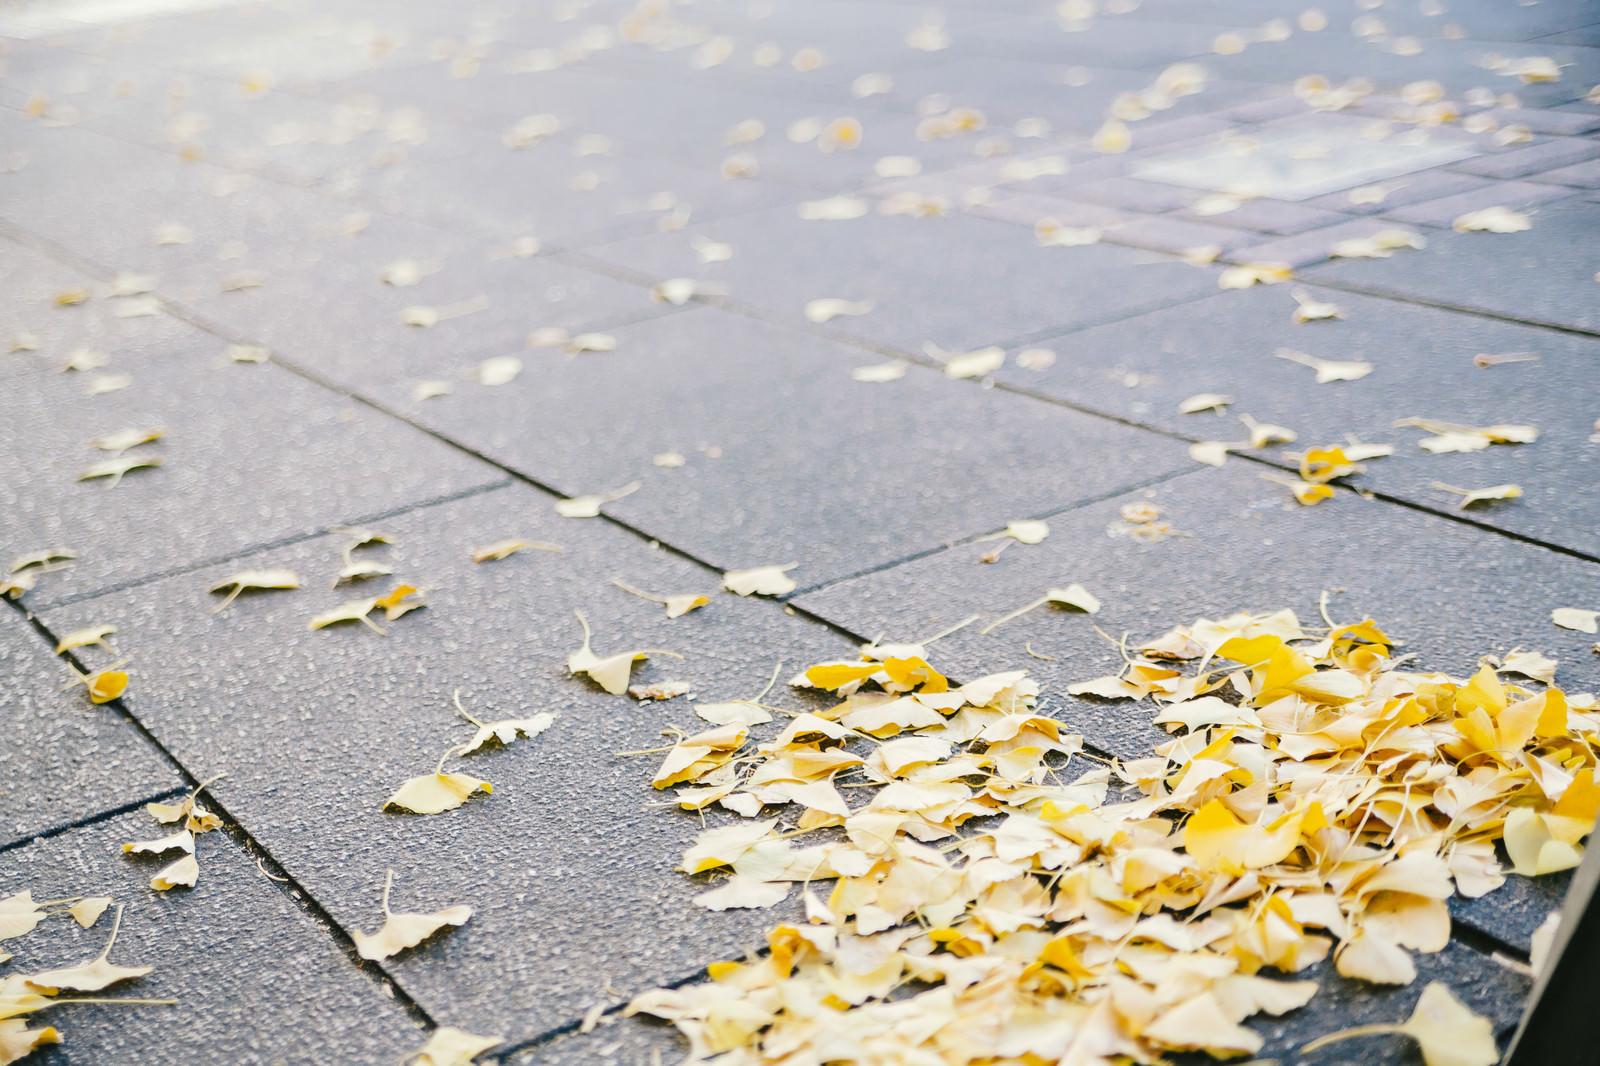 「路上の落ち葉(銀杏)路上の落ち葉(銀杏)」のフリー写真素材を拡大